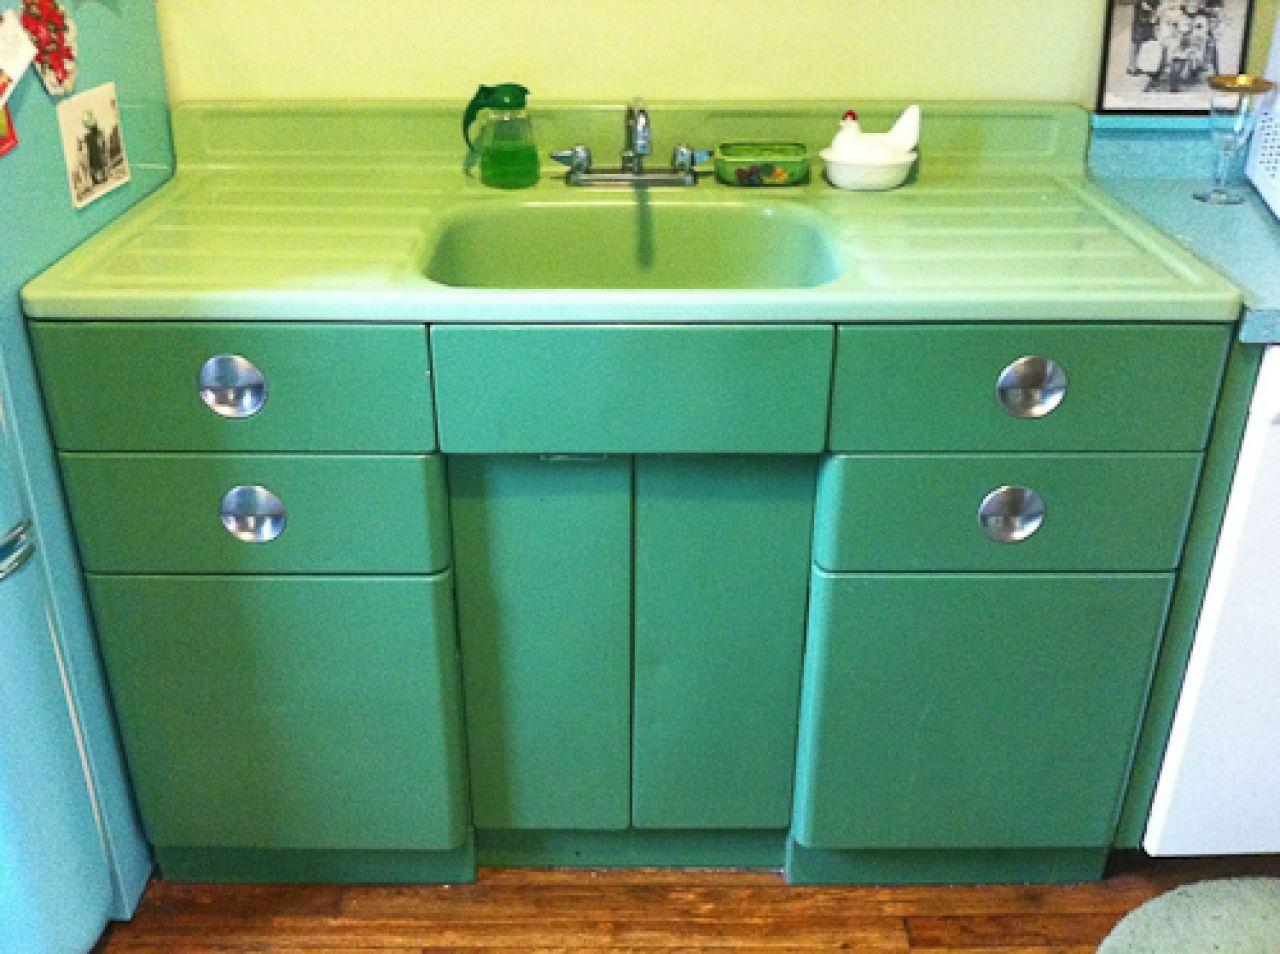 metal cabinets kitchen cleaning floors vintage cabinet jadeite porcelain